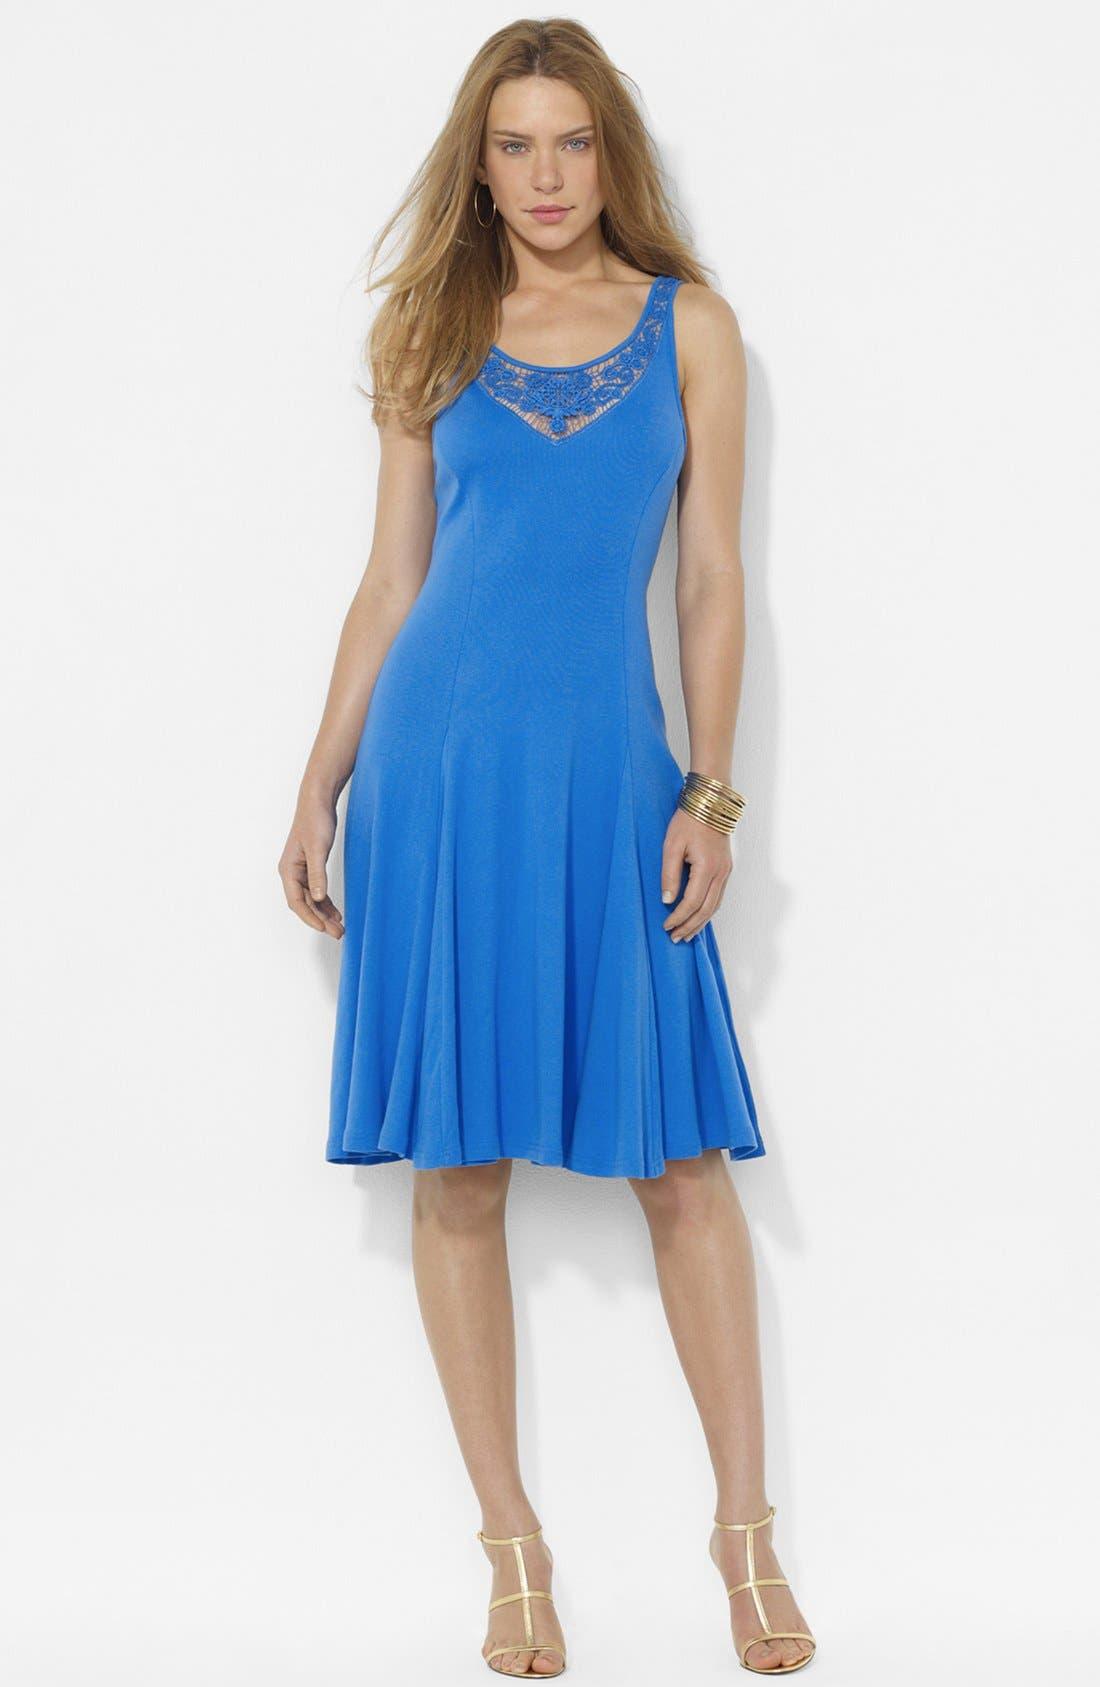 Main Image - Lauren Ralph Lauren Lace Inset Sleeveless Dress